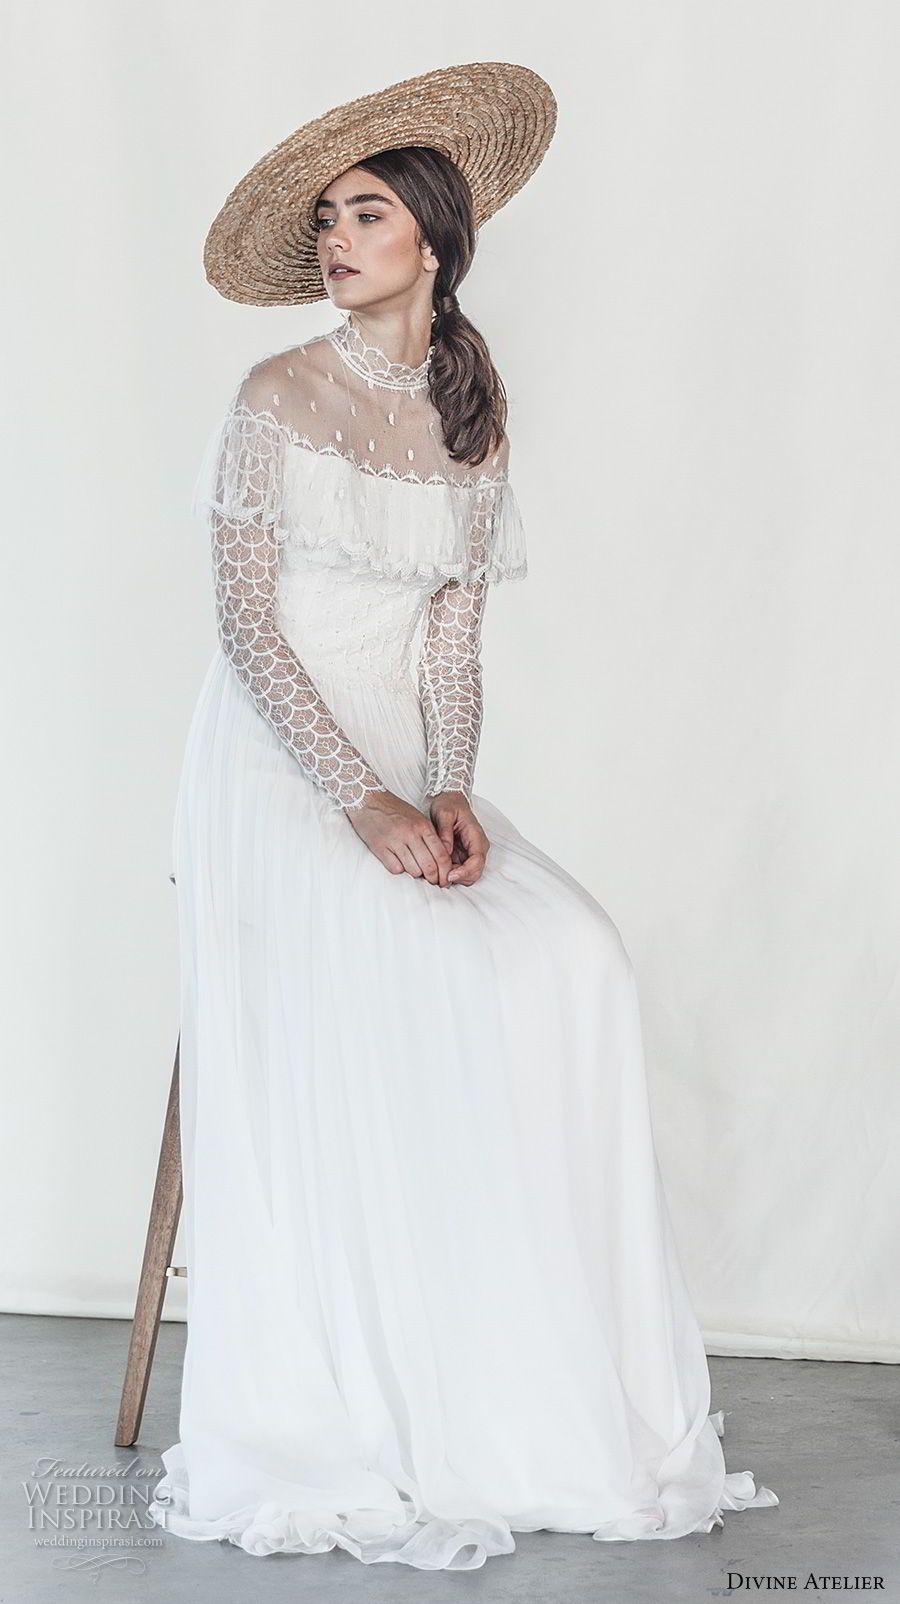 Divine atelier wedding dresses in werdding dress